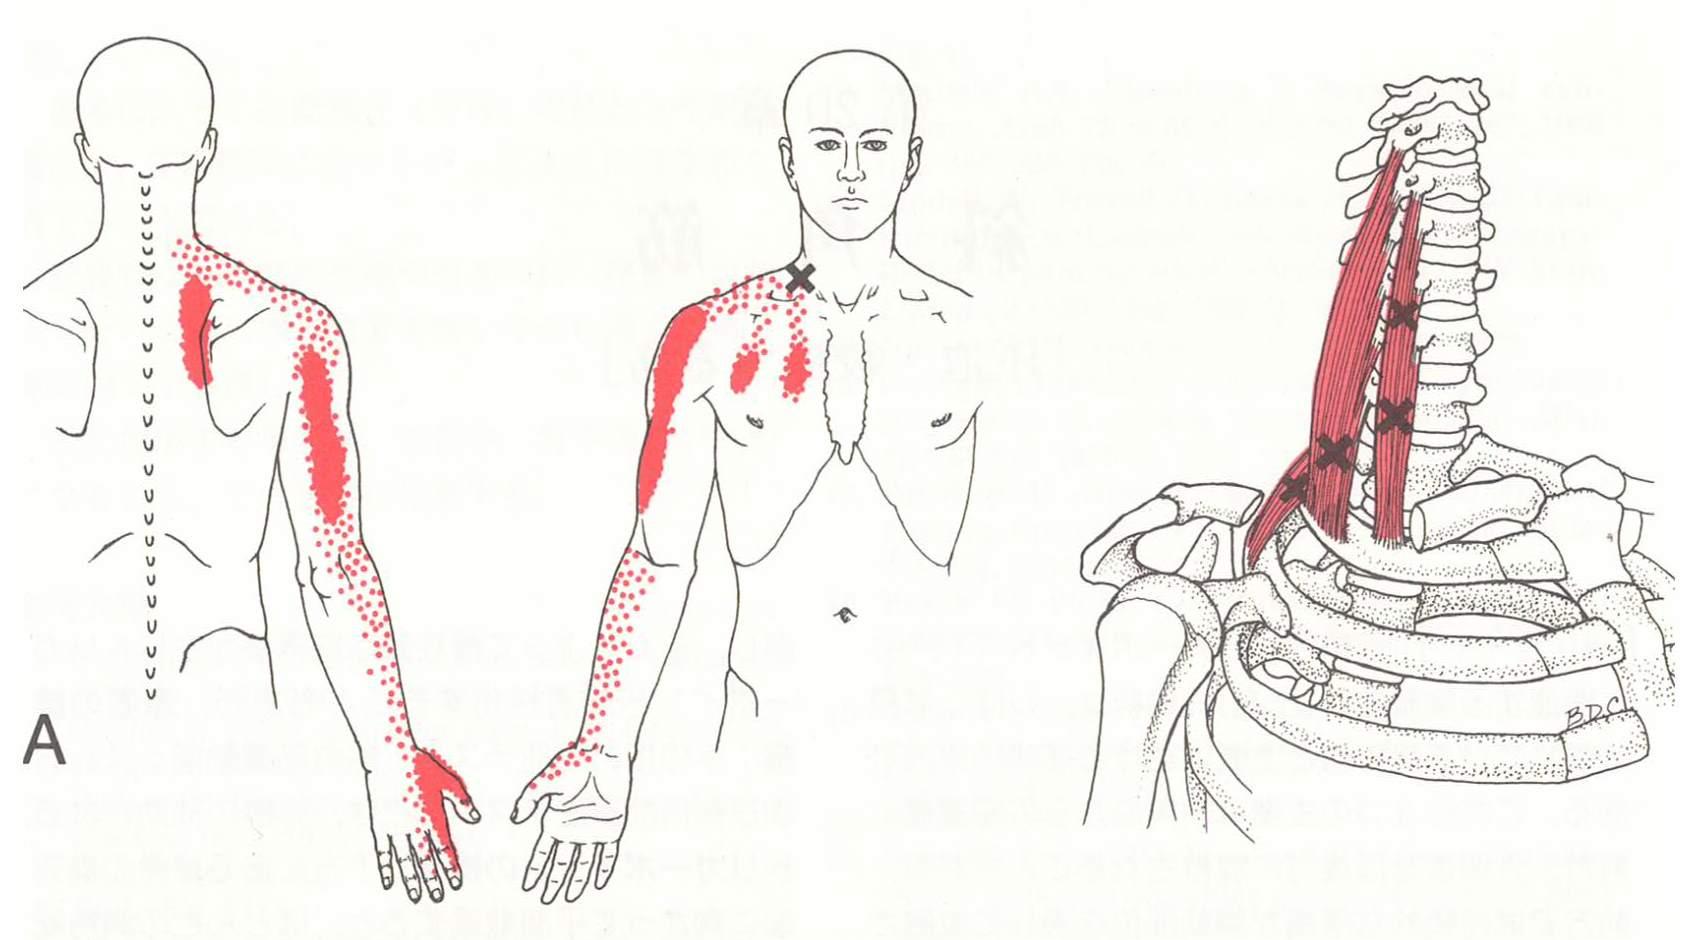 ケネディ-オルター-スン症候群 - meddic